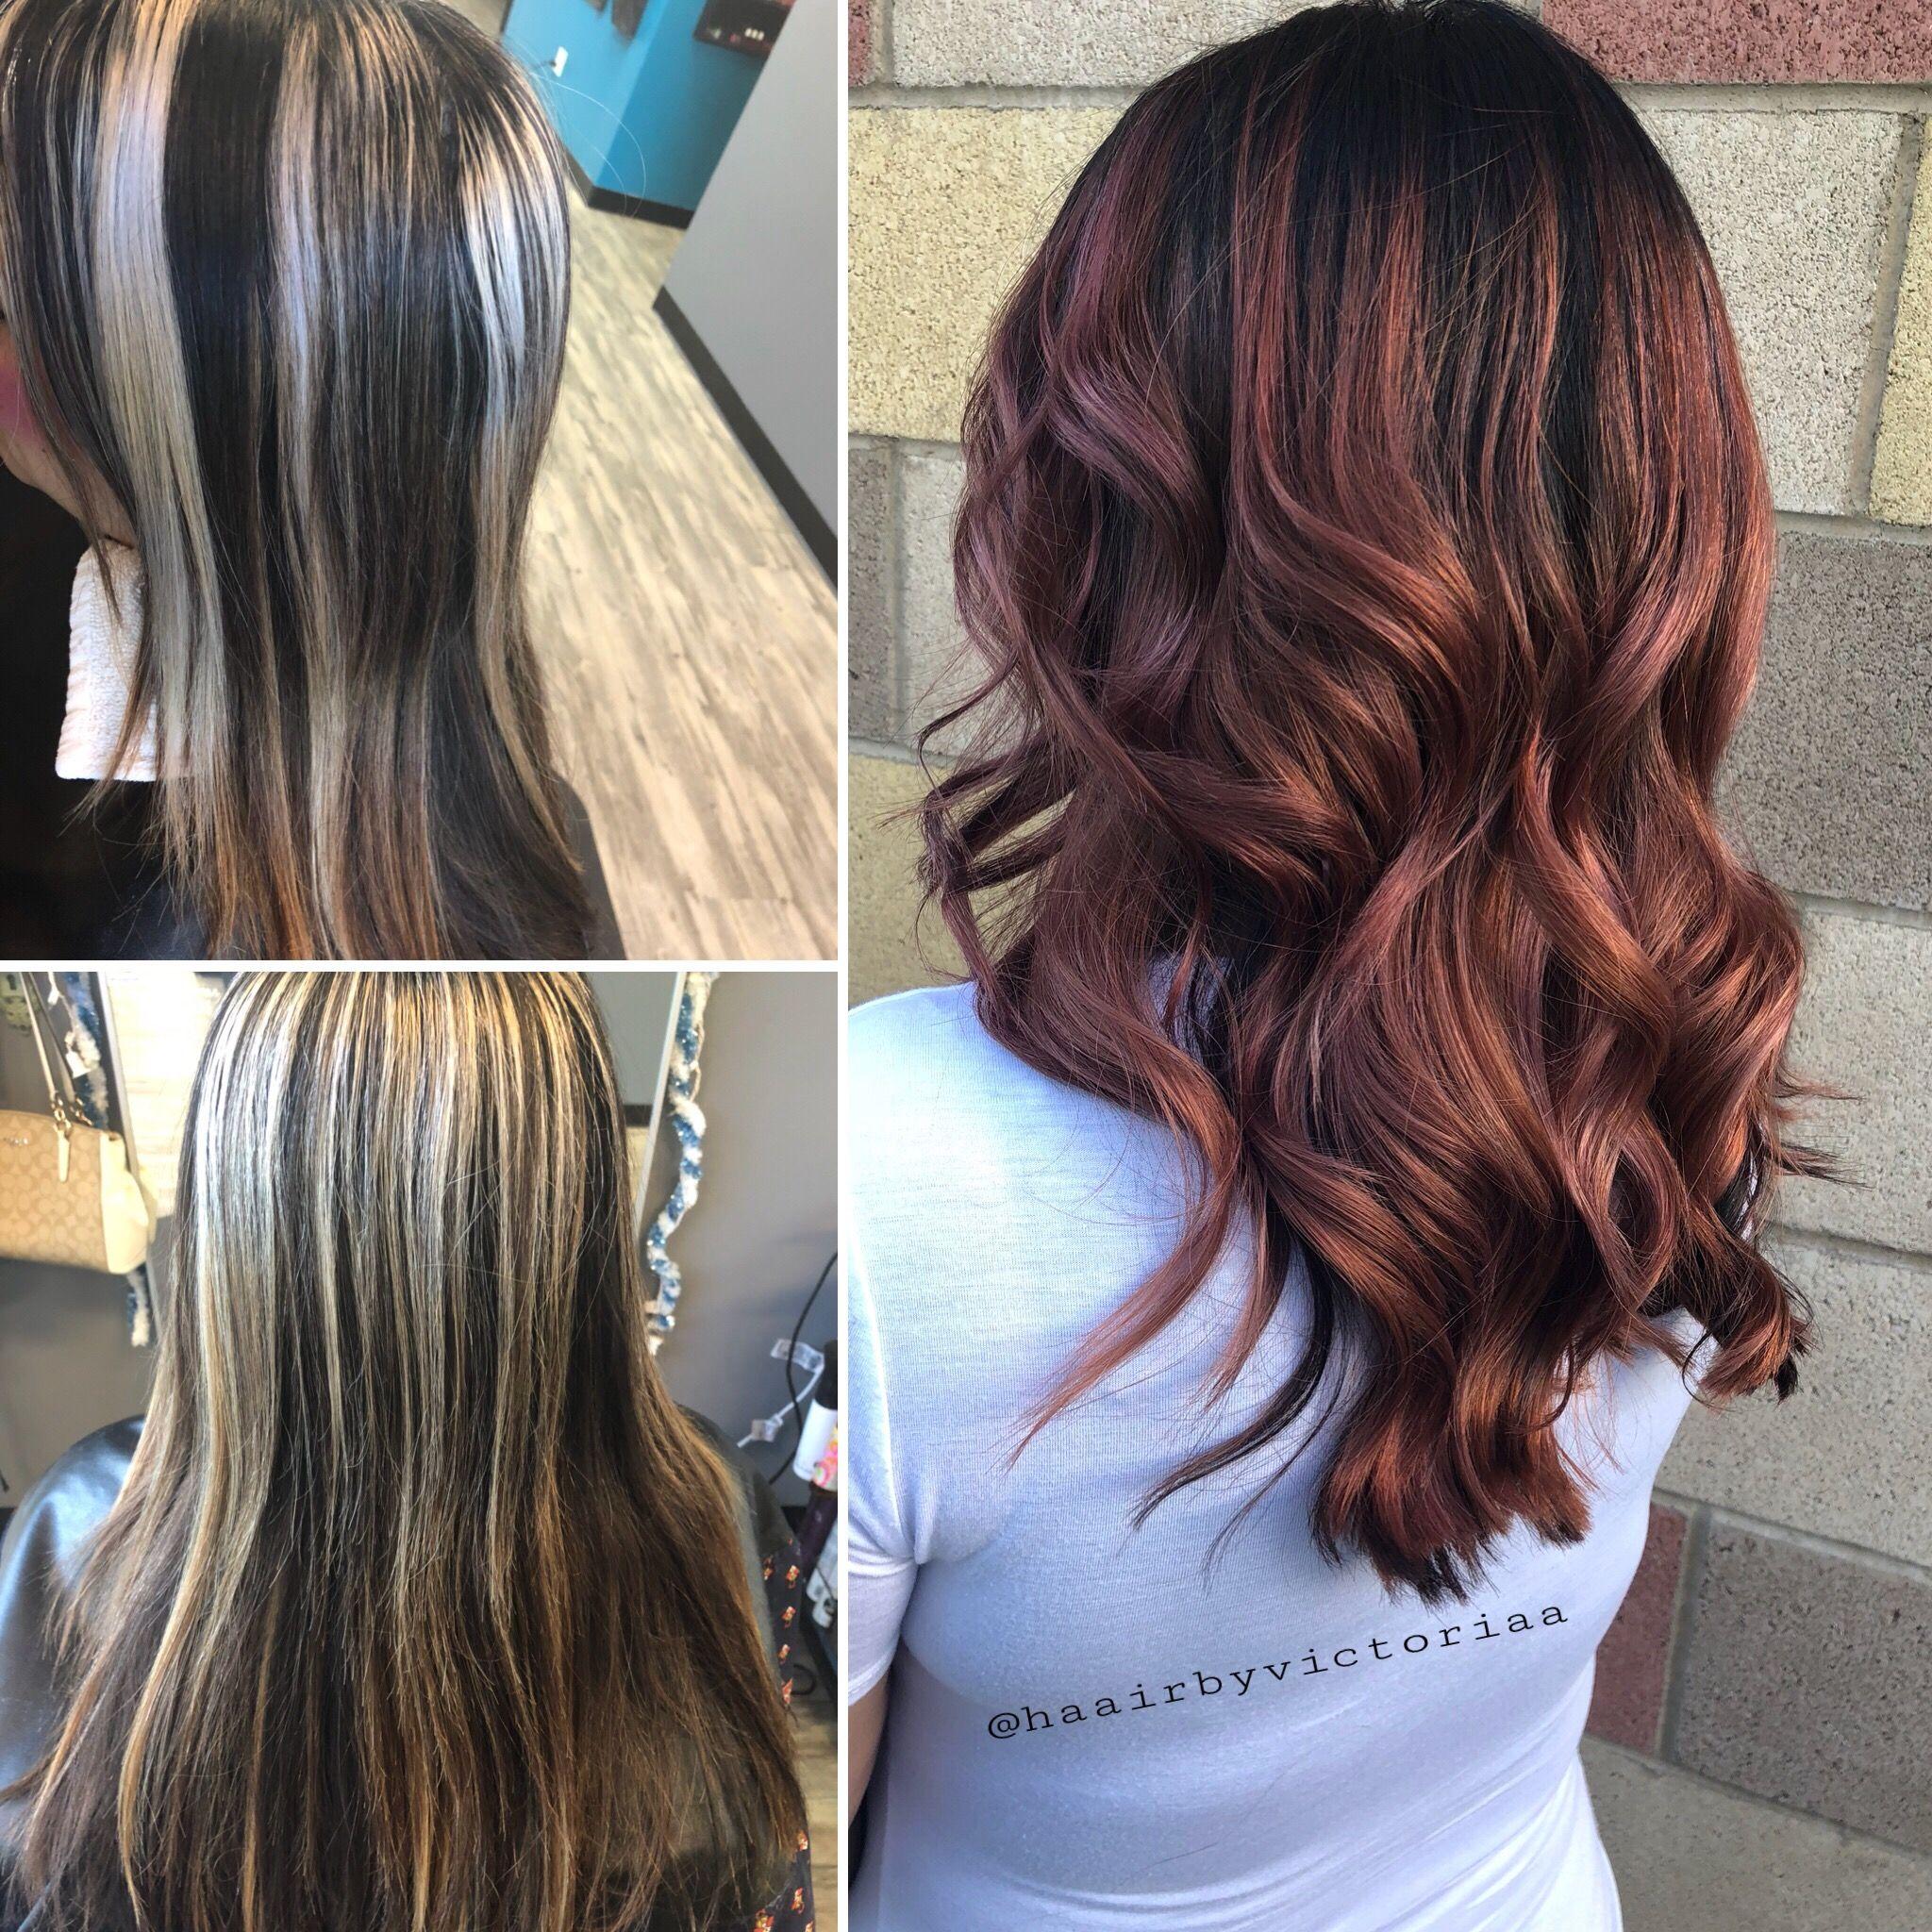 Transformation haircolor haircolortransformation guytang